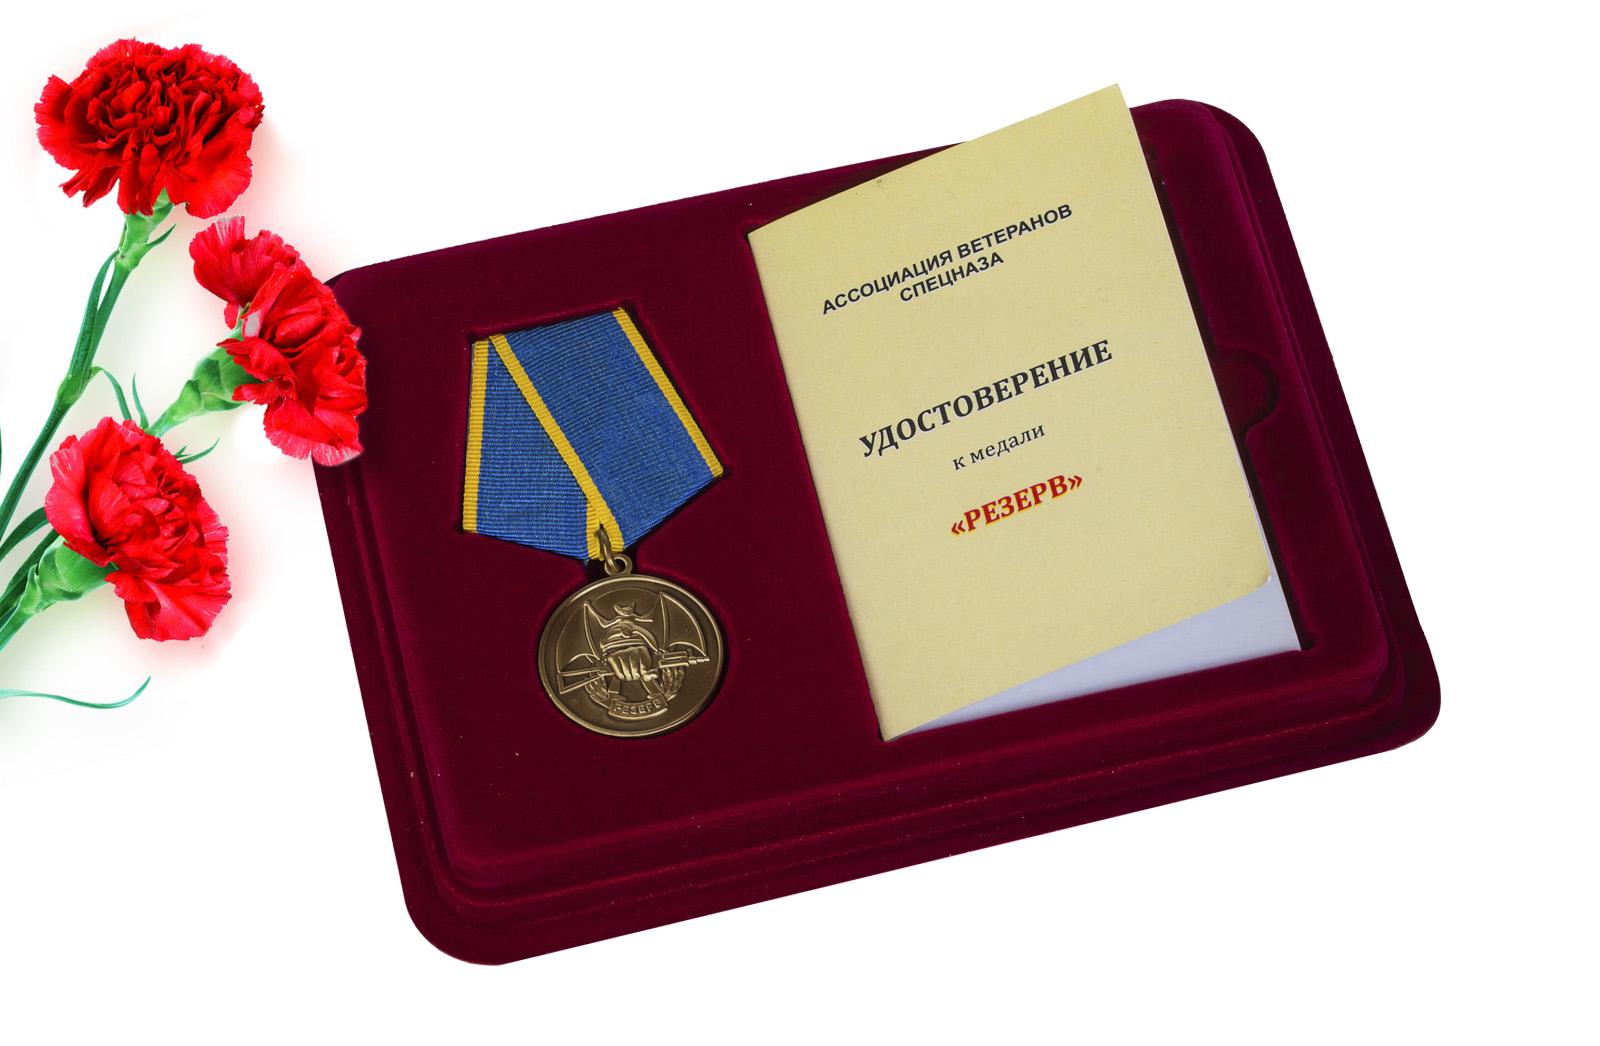 Купить общественную медаль «Резерв» Ассоциация ветеранов спецназа оптом выгодно